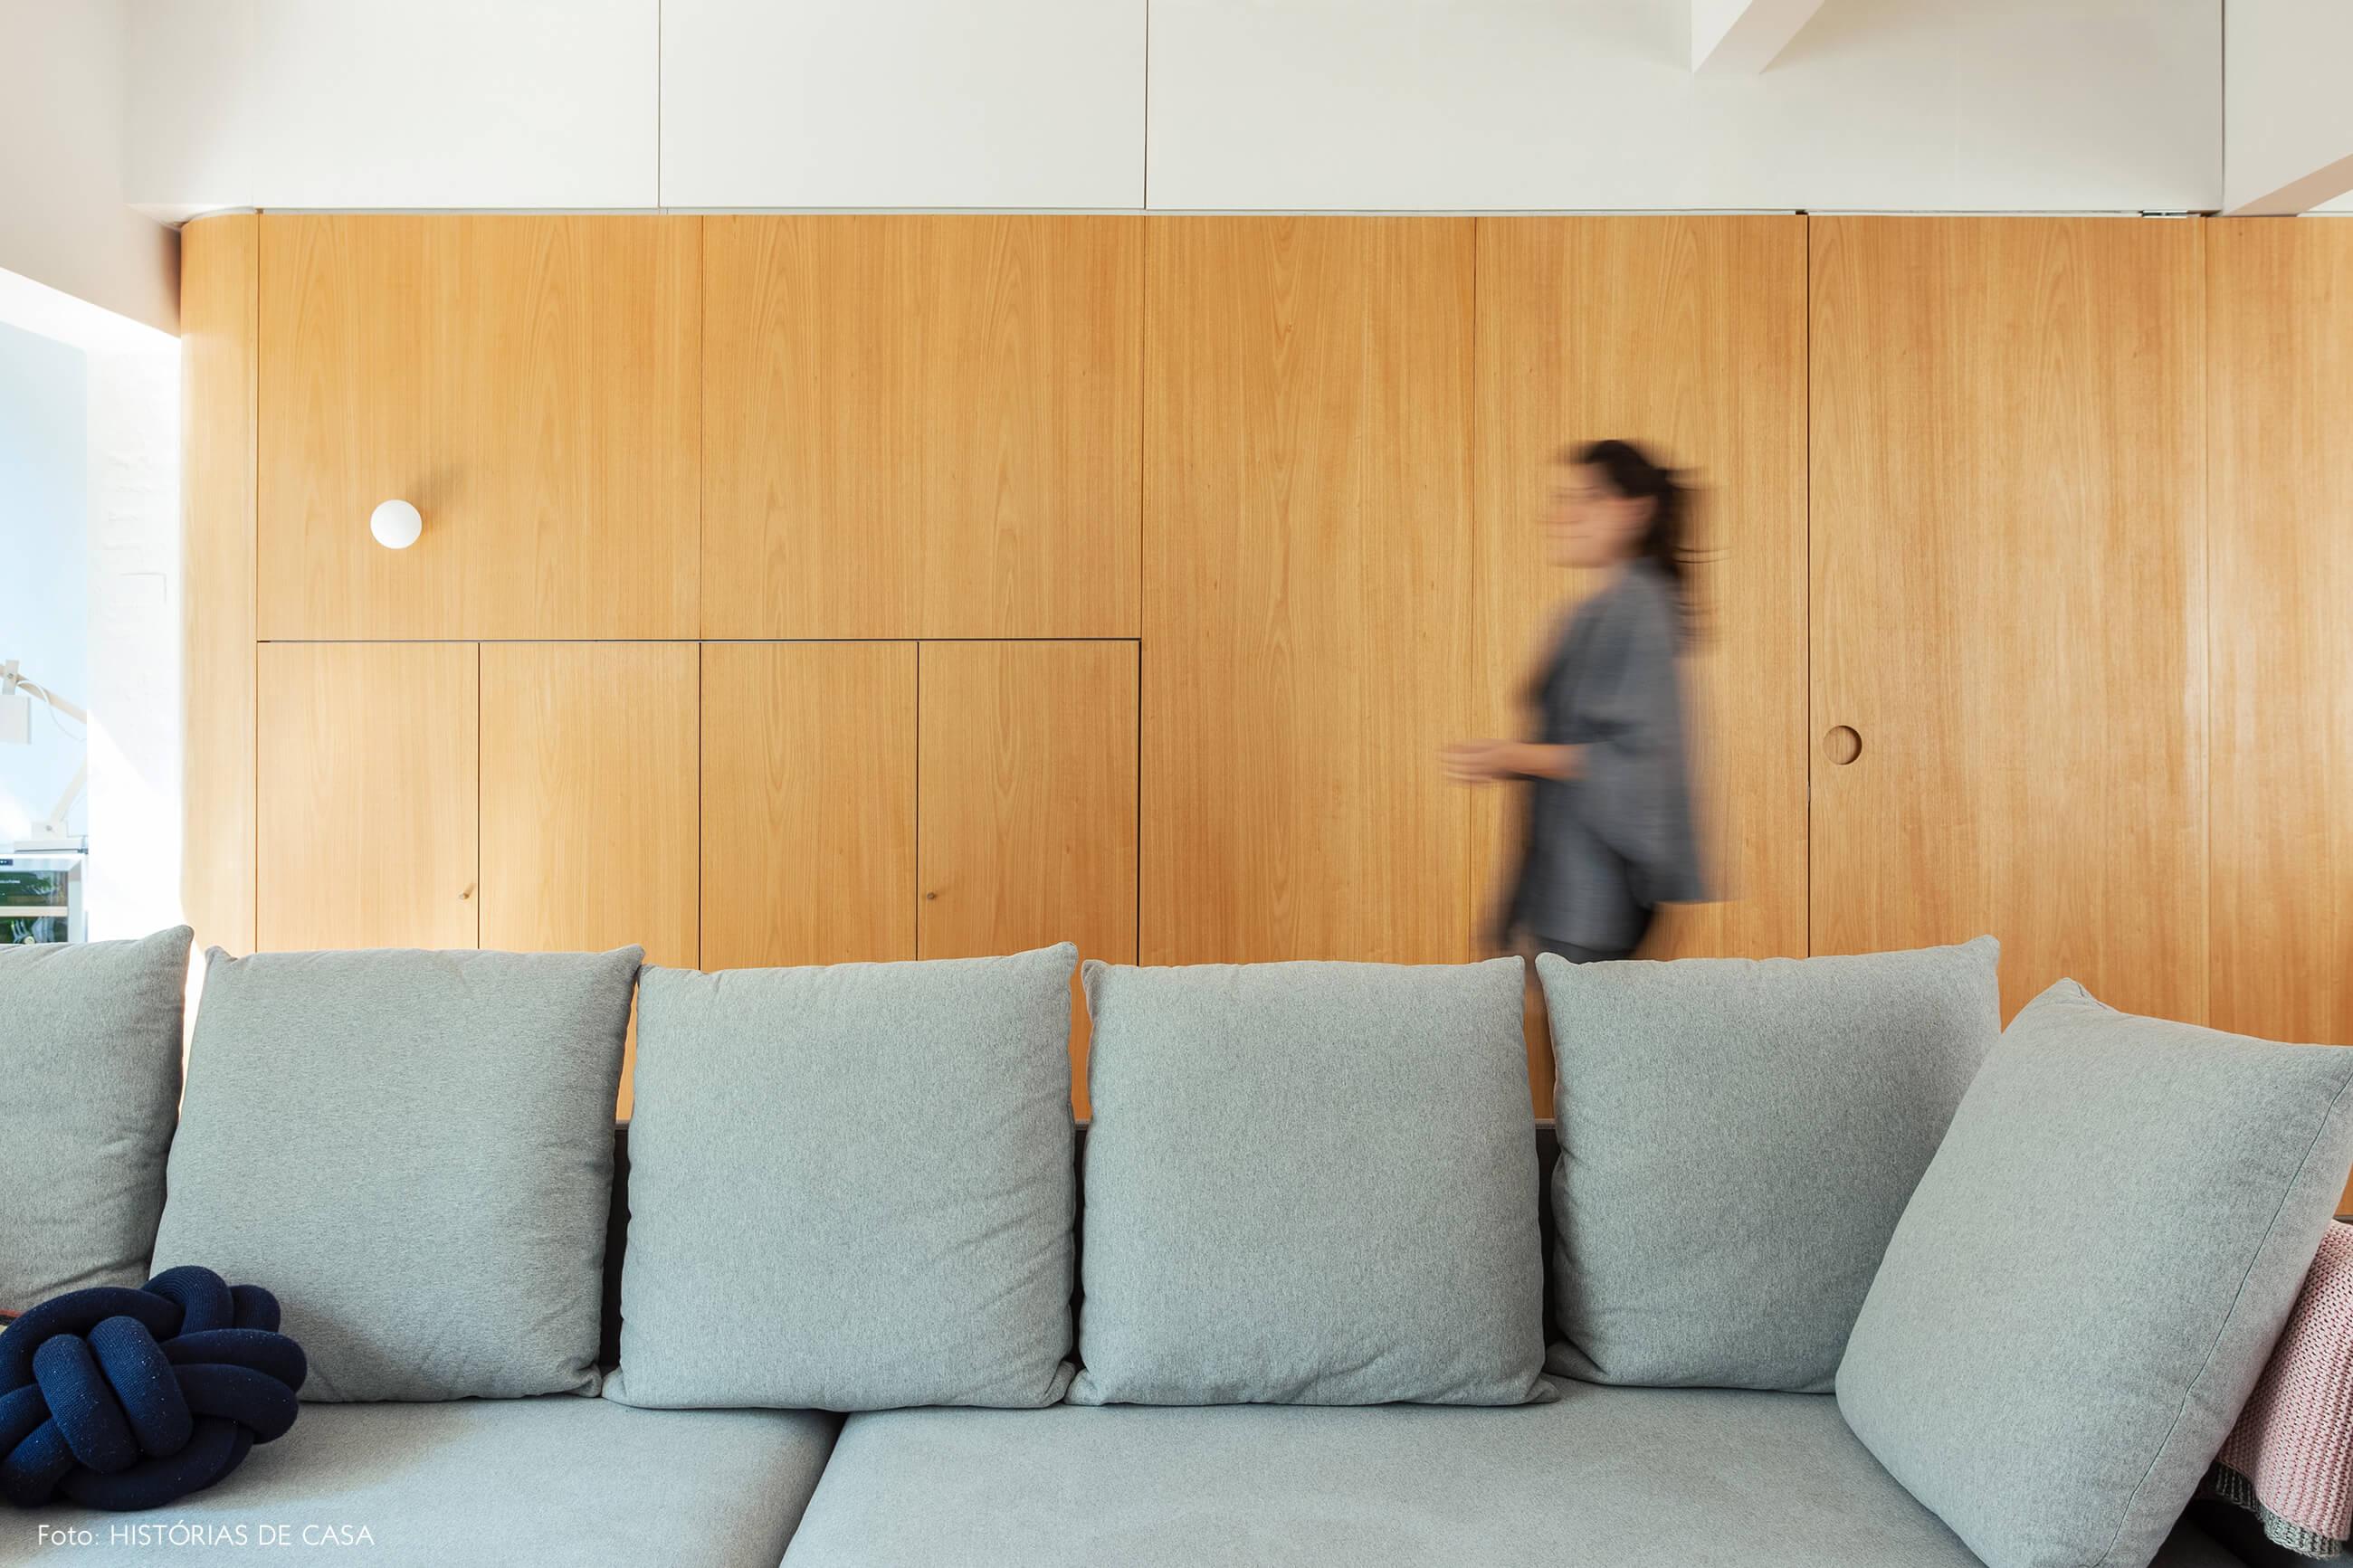 Sofá cinza neutro com painel de marcenaria ao fundo